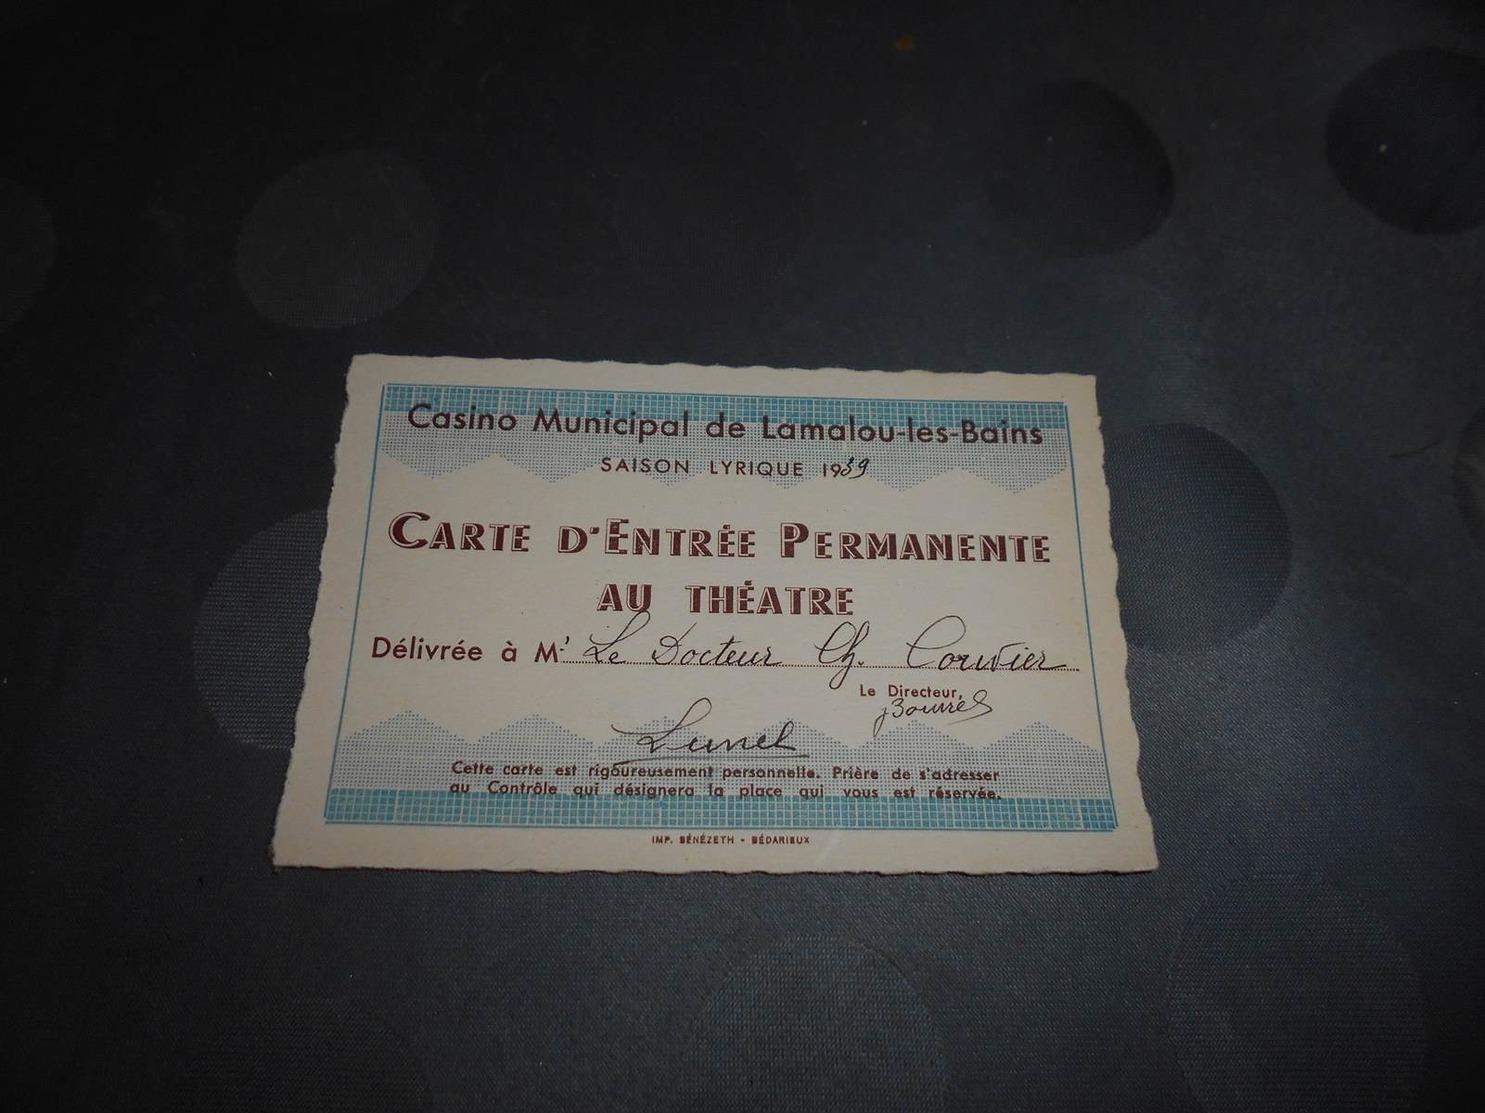 72 - Carte D'Entrée Permanente Au Théâtre Du Casino Municipal De Lamalou Les Bains, Saison 1939 - Historical Documents